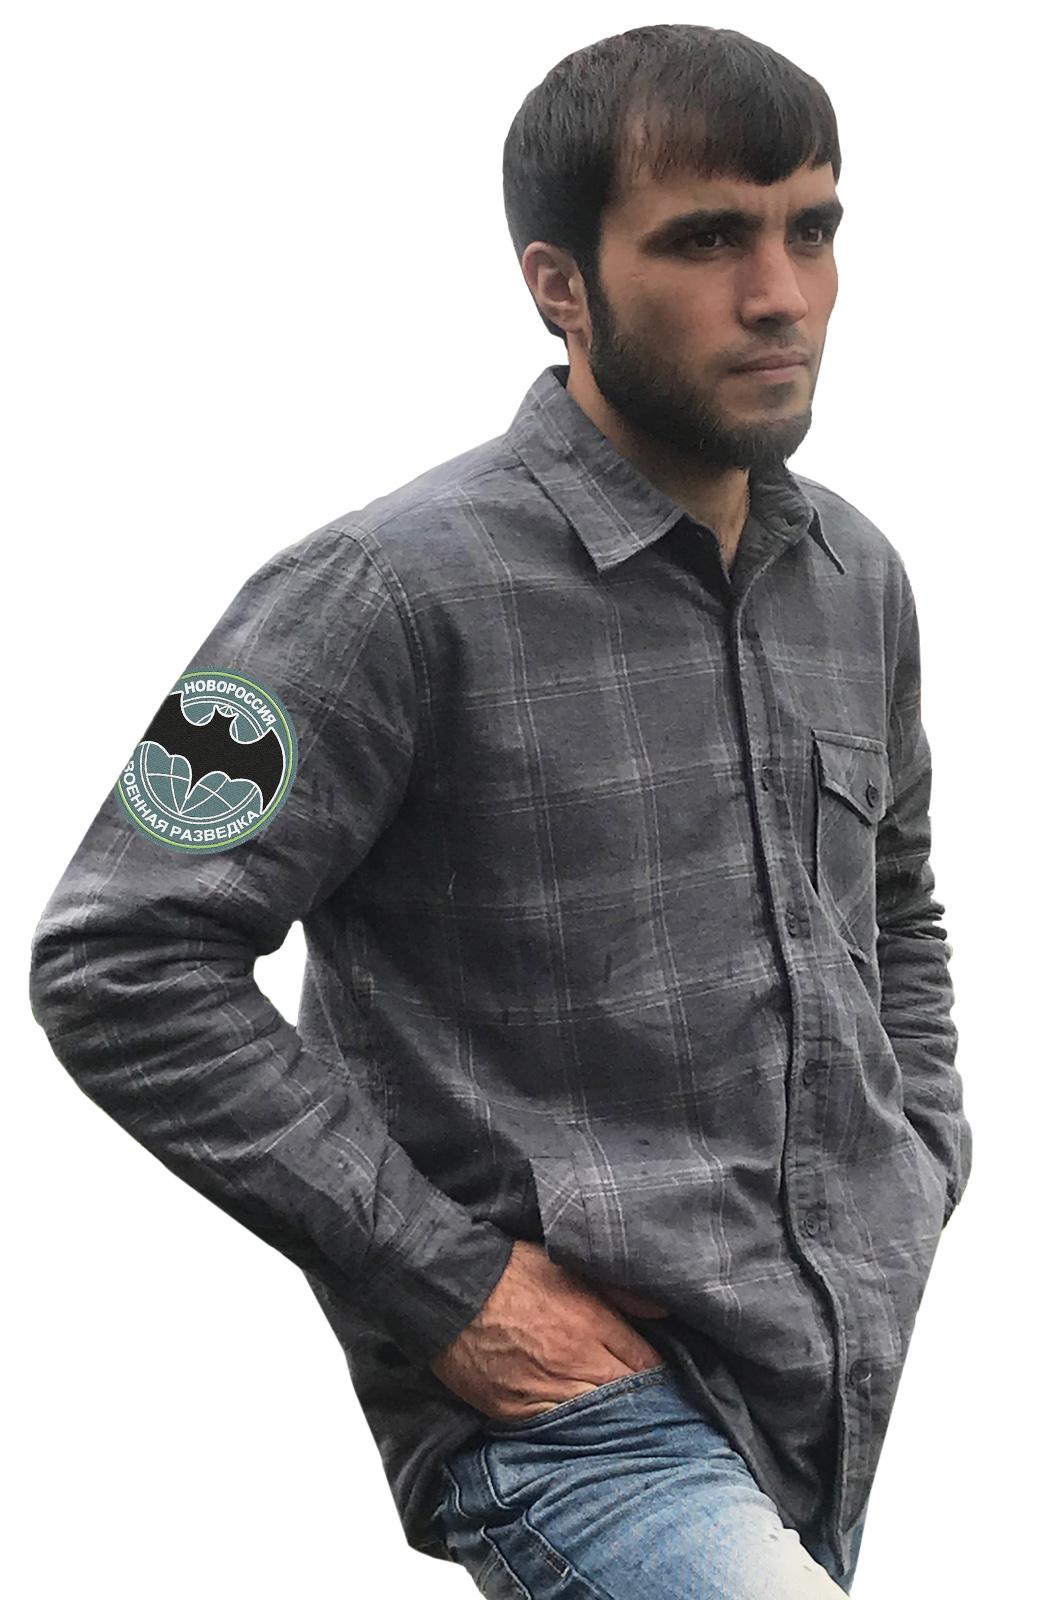 Мужская рубашка в нашивкой Военной разведки Новороссии